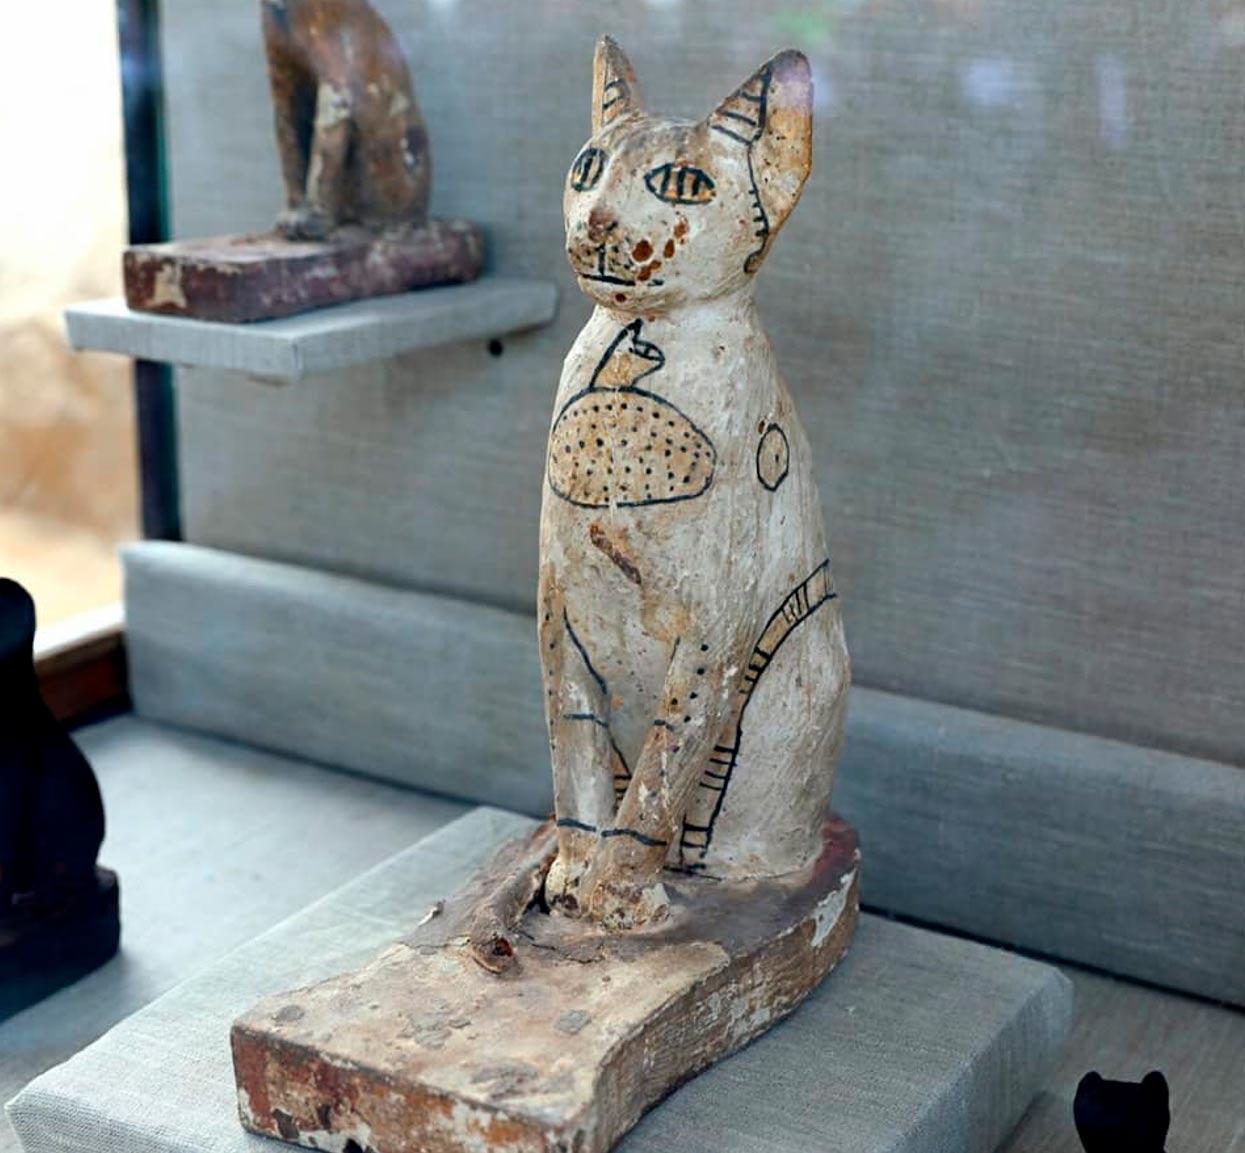 Una de las estatuas de gatos talladas en madera descubiertas en el antiguo complejo de tumbas de Saqqara. Crédito: Ministerio de Antigüedades de Egipto